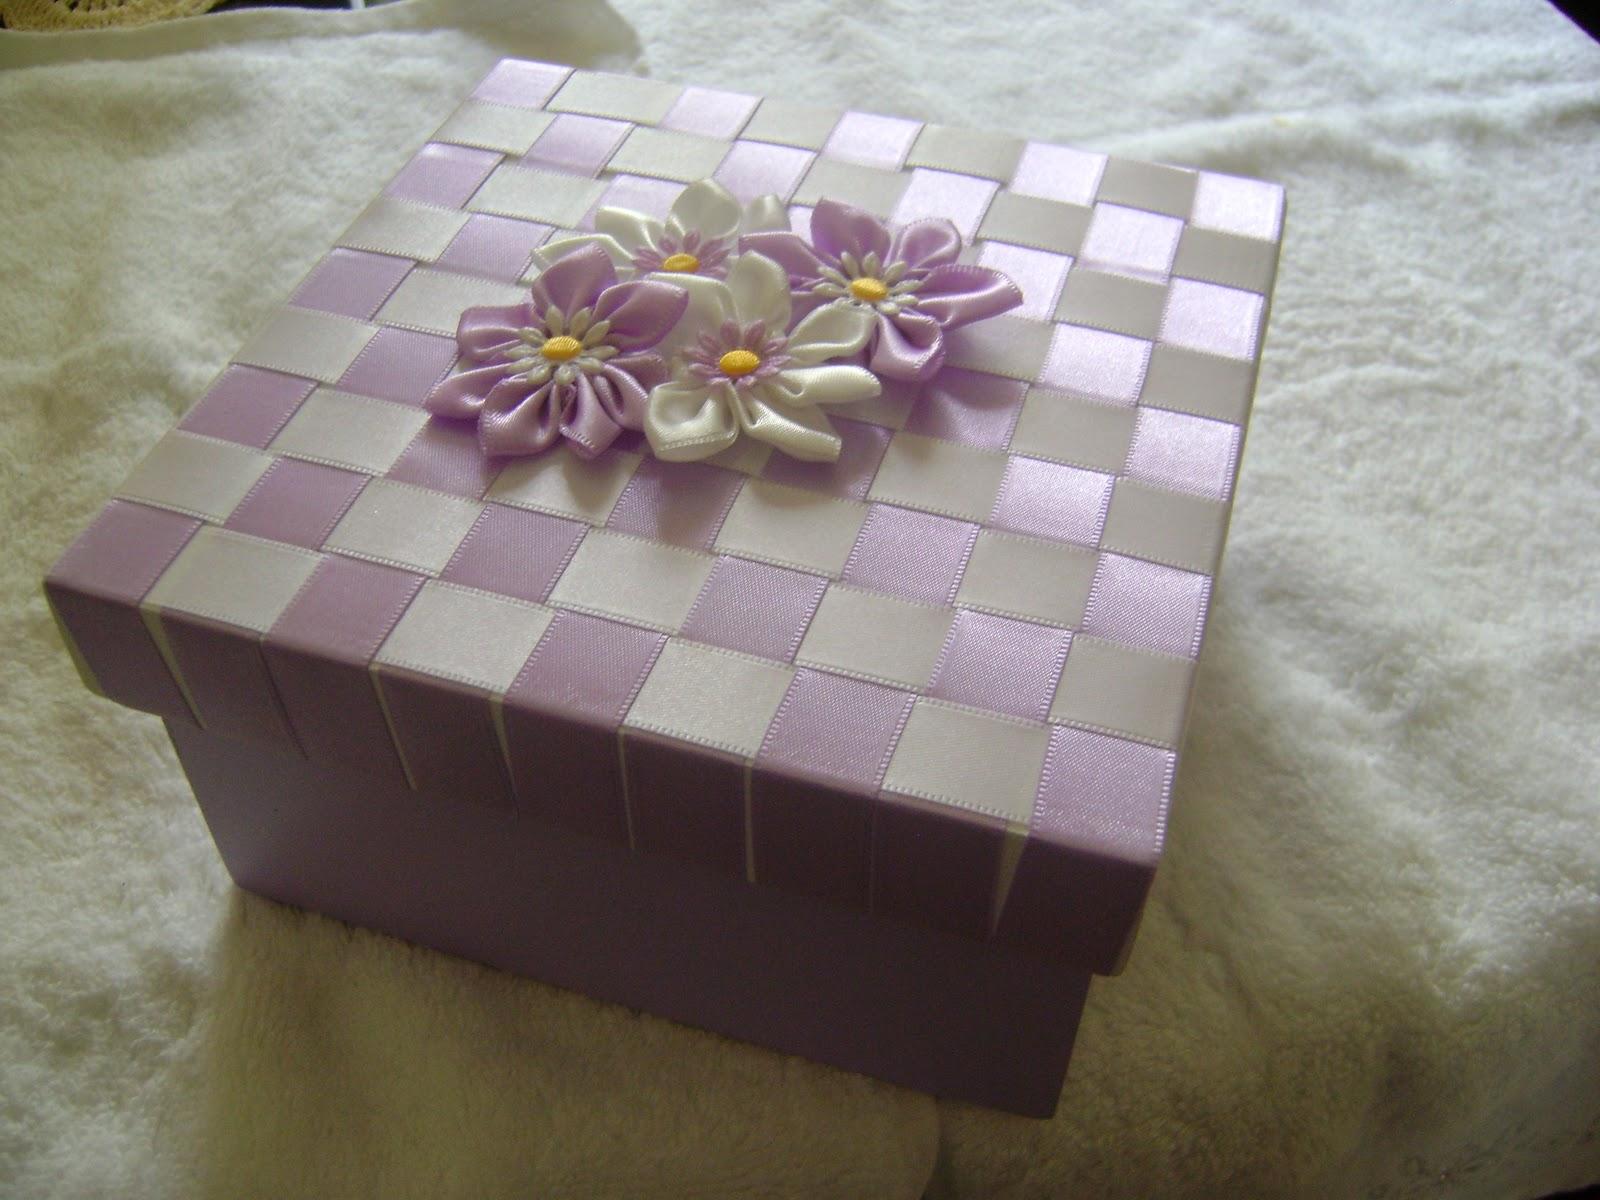 : Caixa de Madeira com trançado de fita e flores de cetim #5B4E35 1600x1200